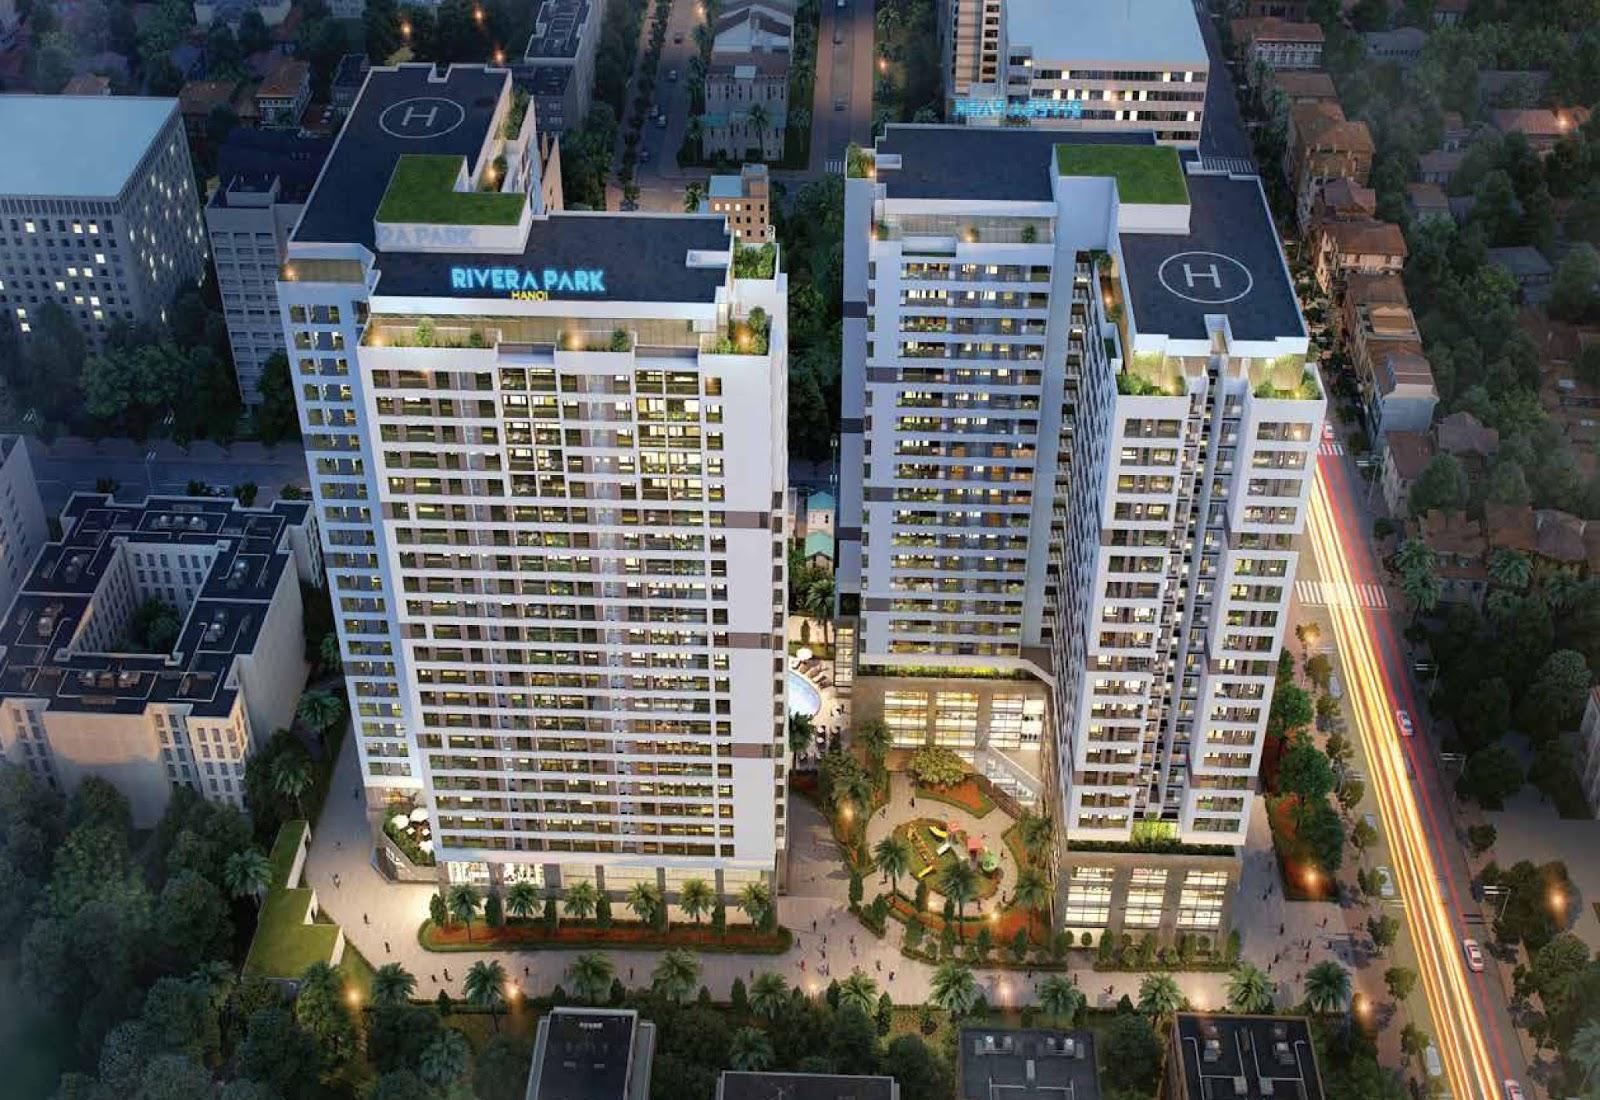 Chung cư River Park 69 Vũ Trọng phụng và những dự án chung cư nổi bật